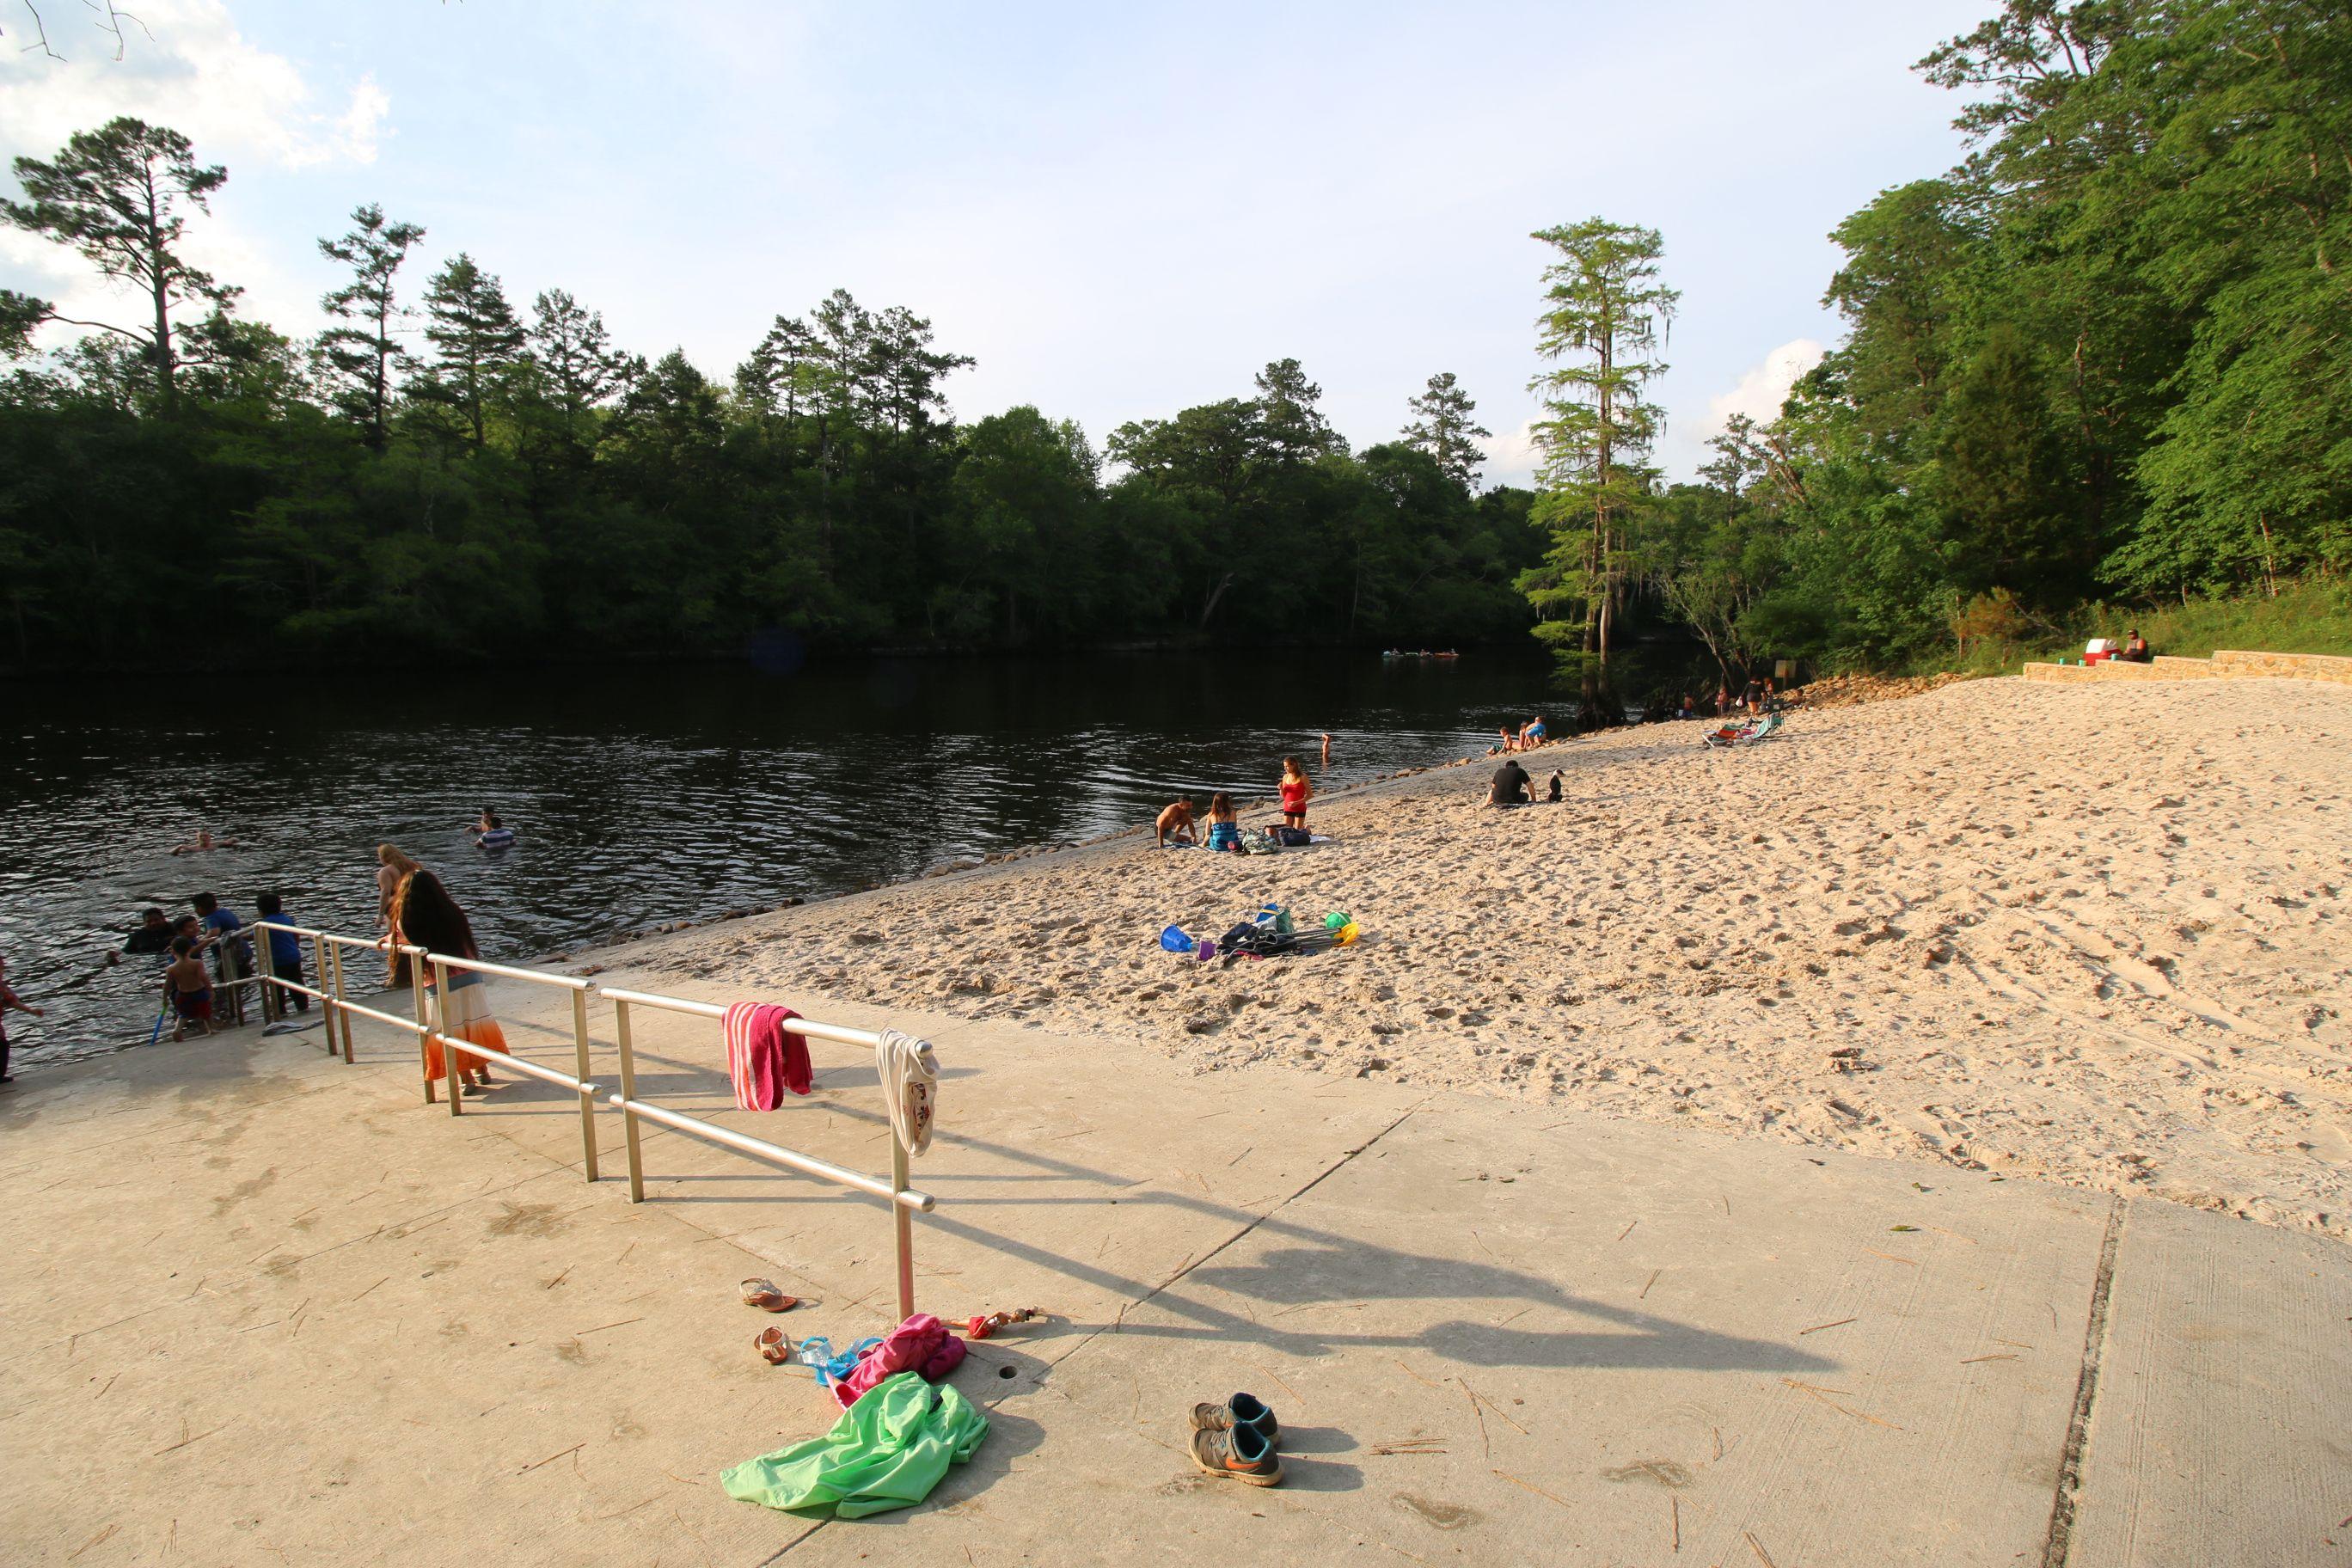 Givhans Ferry State Park Beach